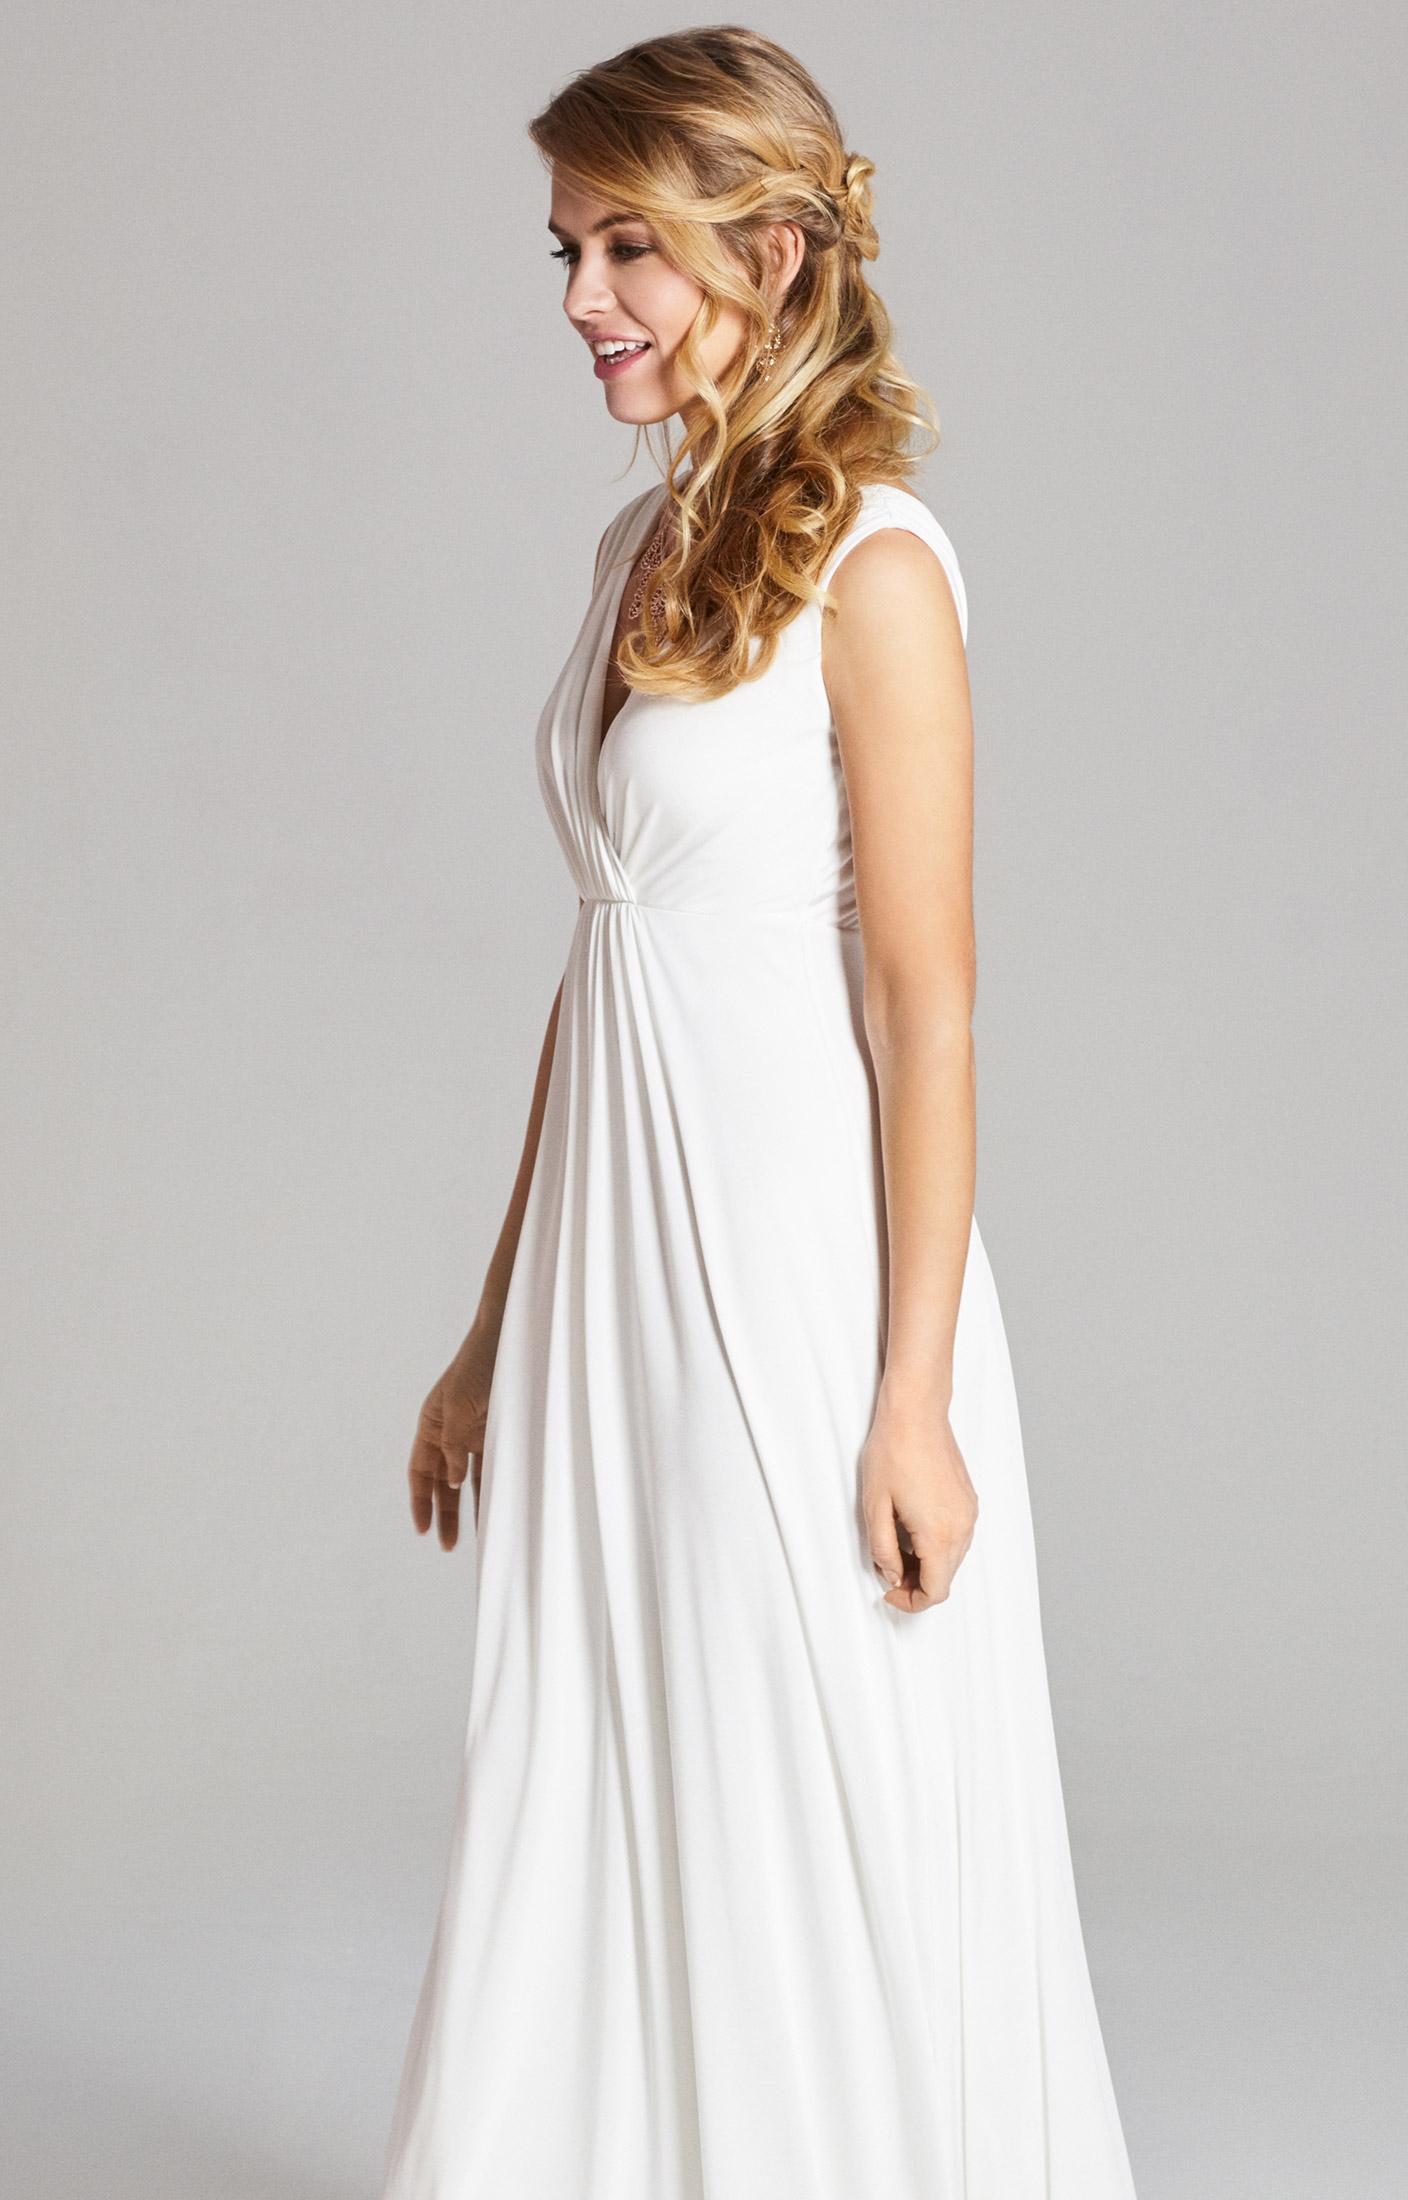 Kleid Havana lang in Elfenbein - Hochzeitskleider, Abendgarderobe ...